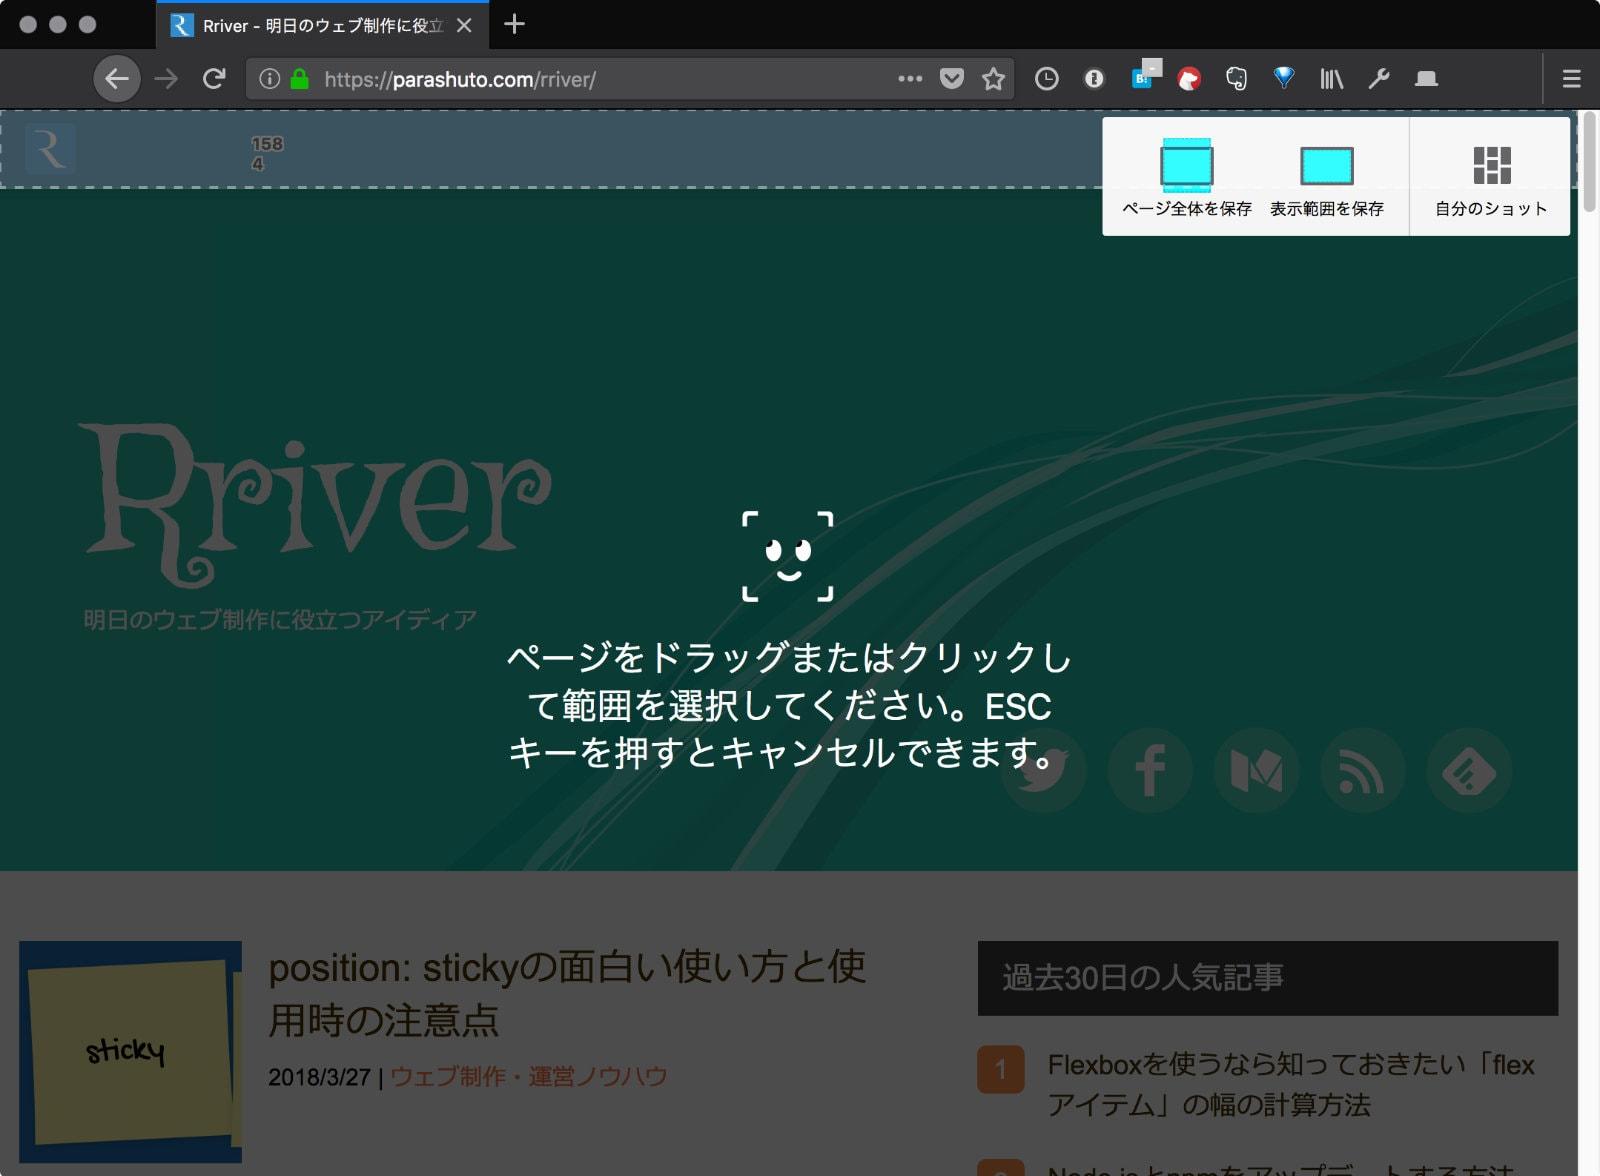 Firefox Screenshotsで画面上のツールバー・エリアを選んだ状態